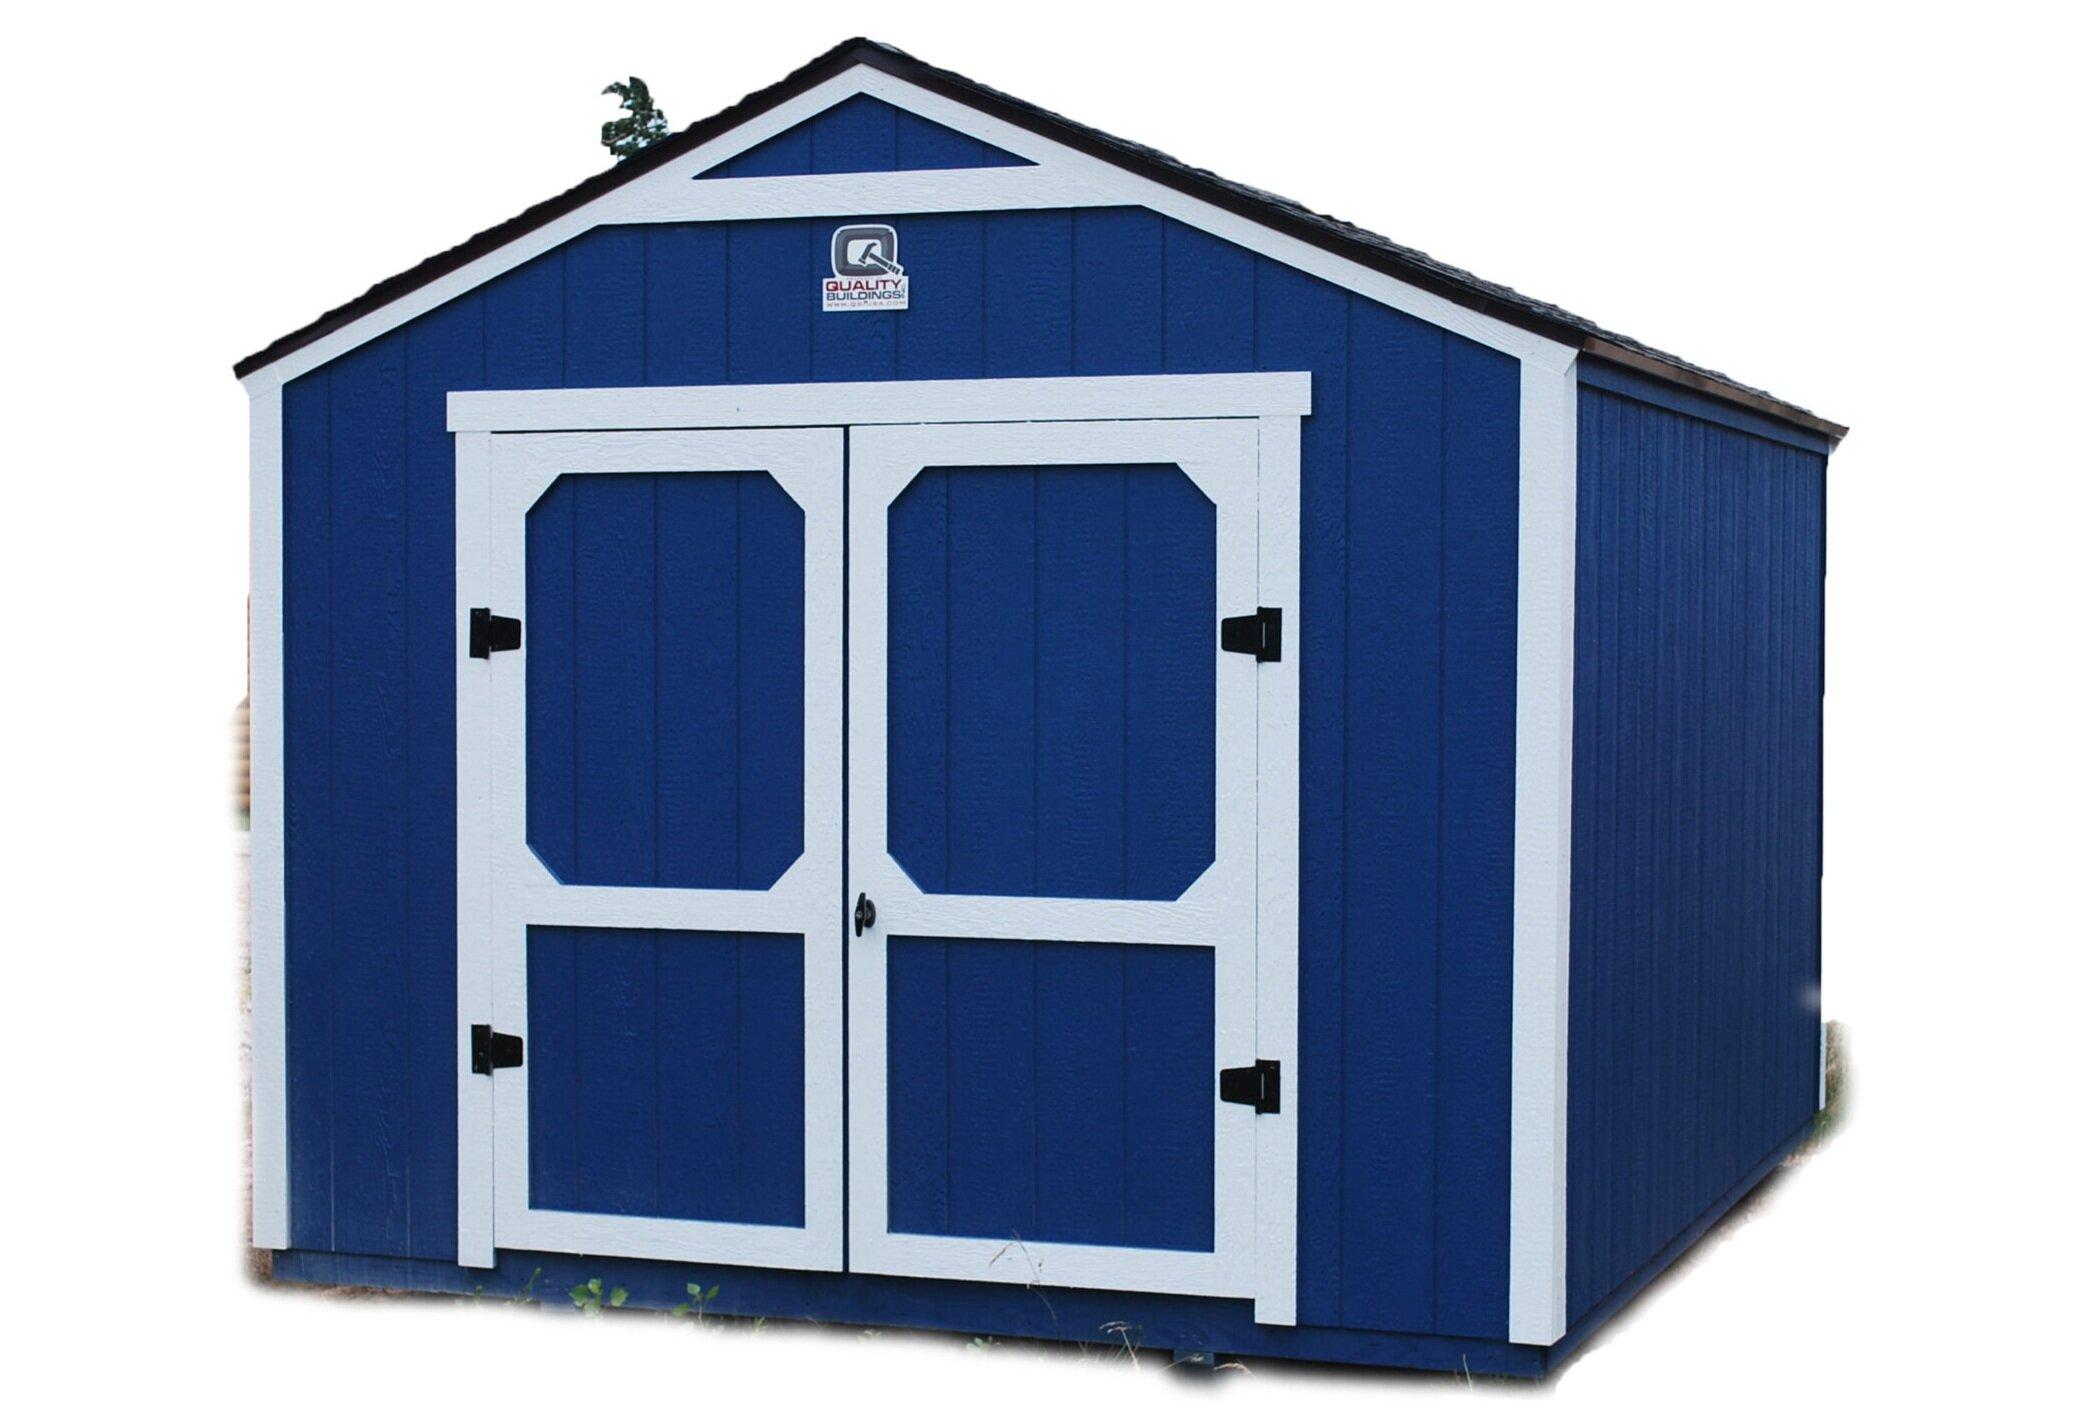 Utility Backyard Storage Shed -